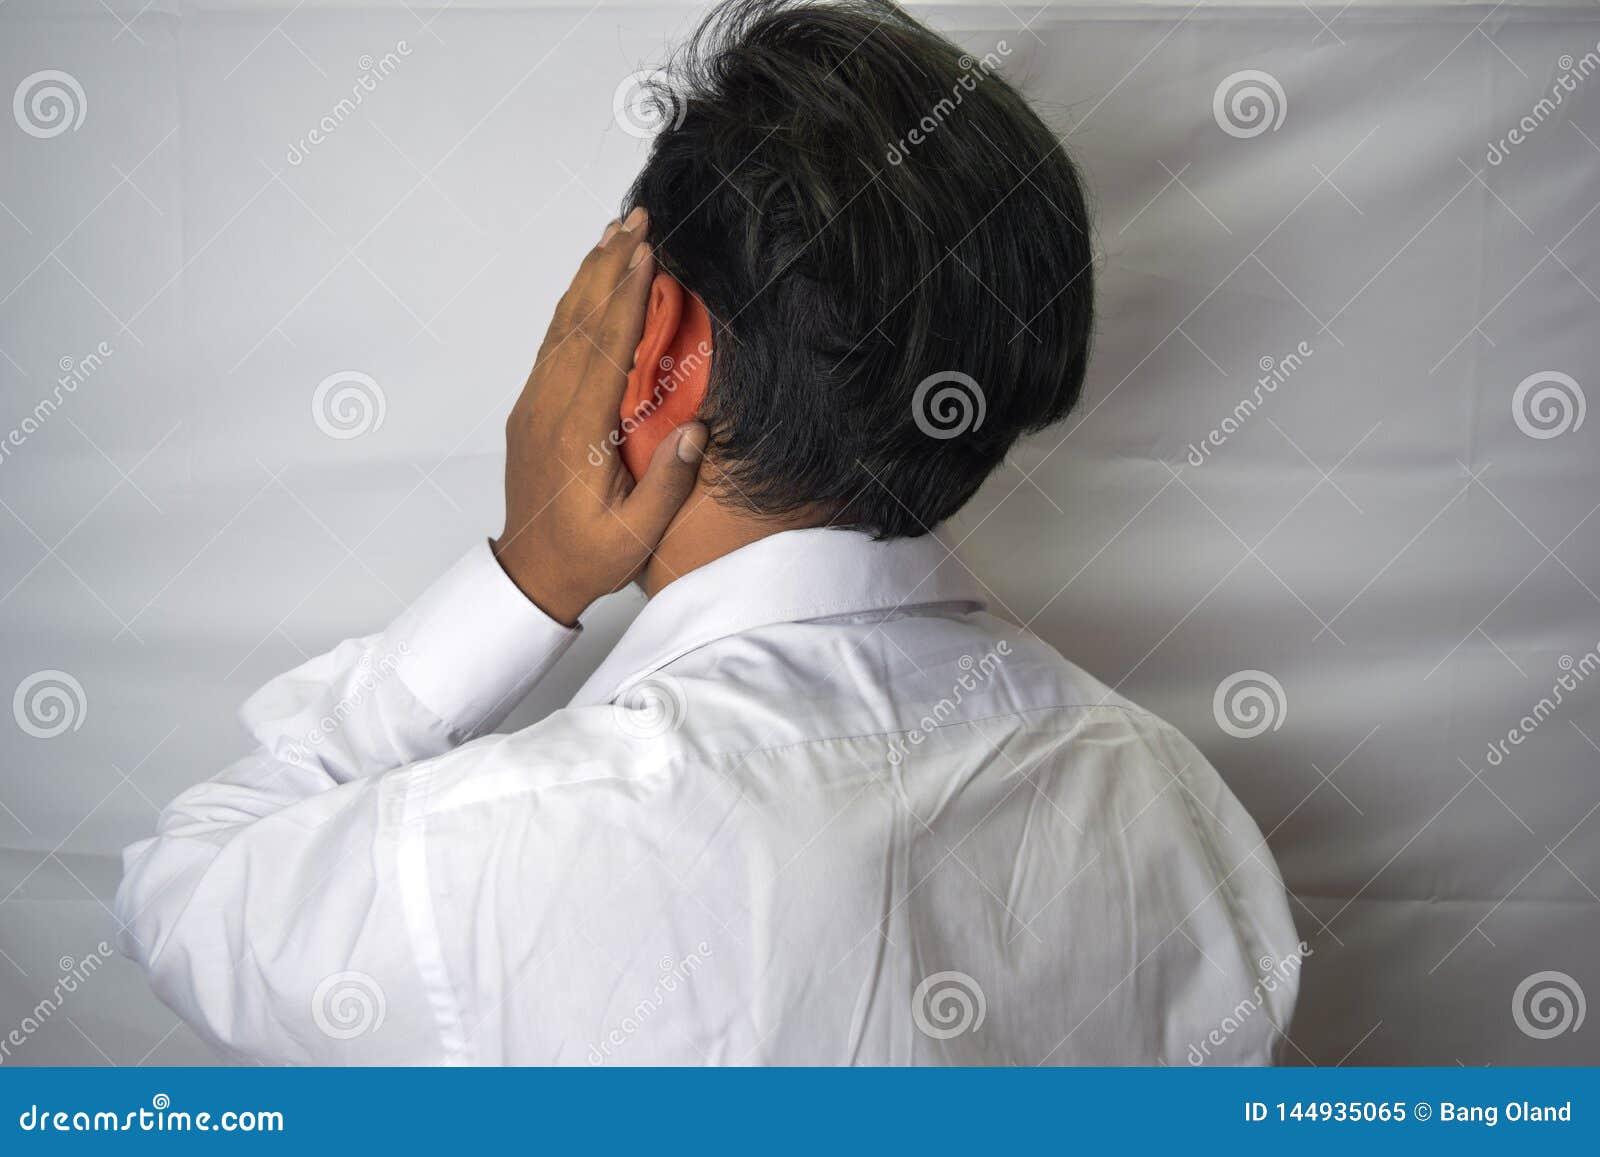 Equipe ter a dor de orelha que toca em sua orelha inflamada dolorosa isolada no fundo branco